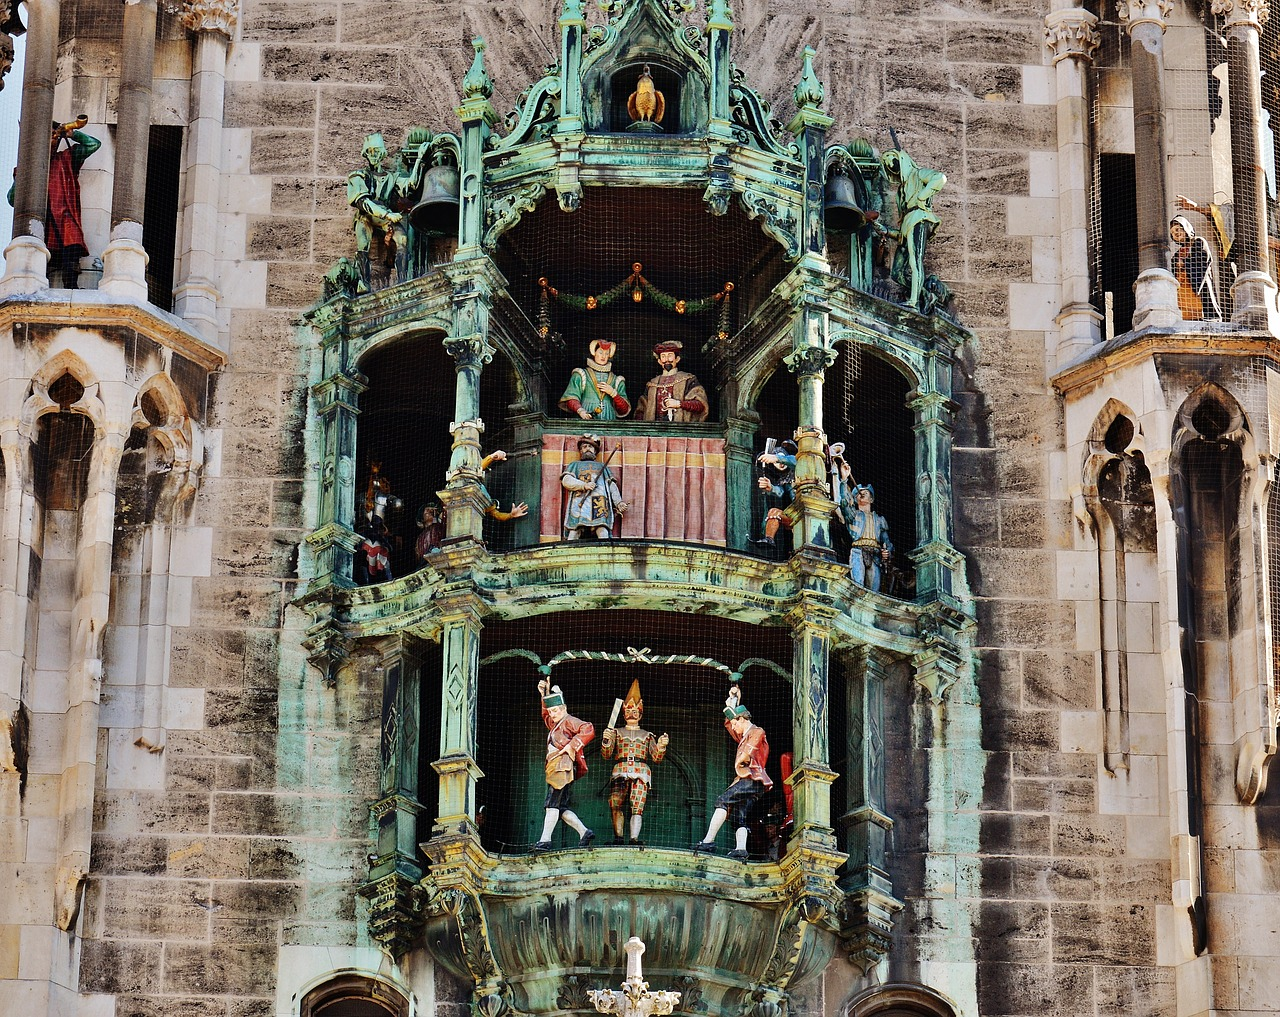 The Munich Glockenspiel.  Source: Pixabay